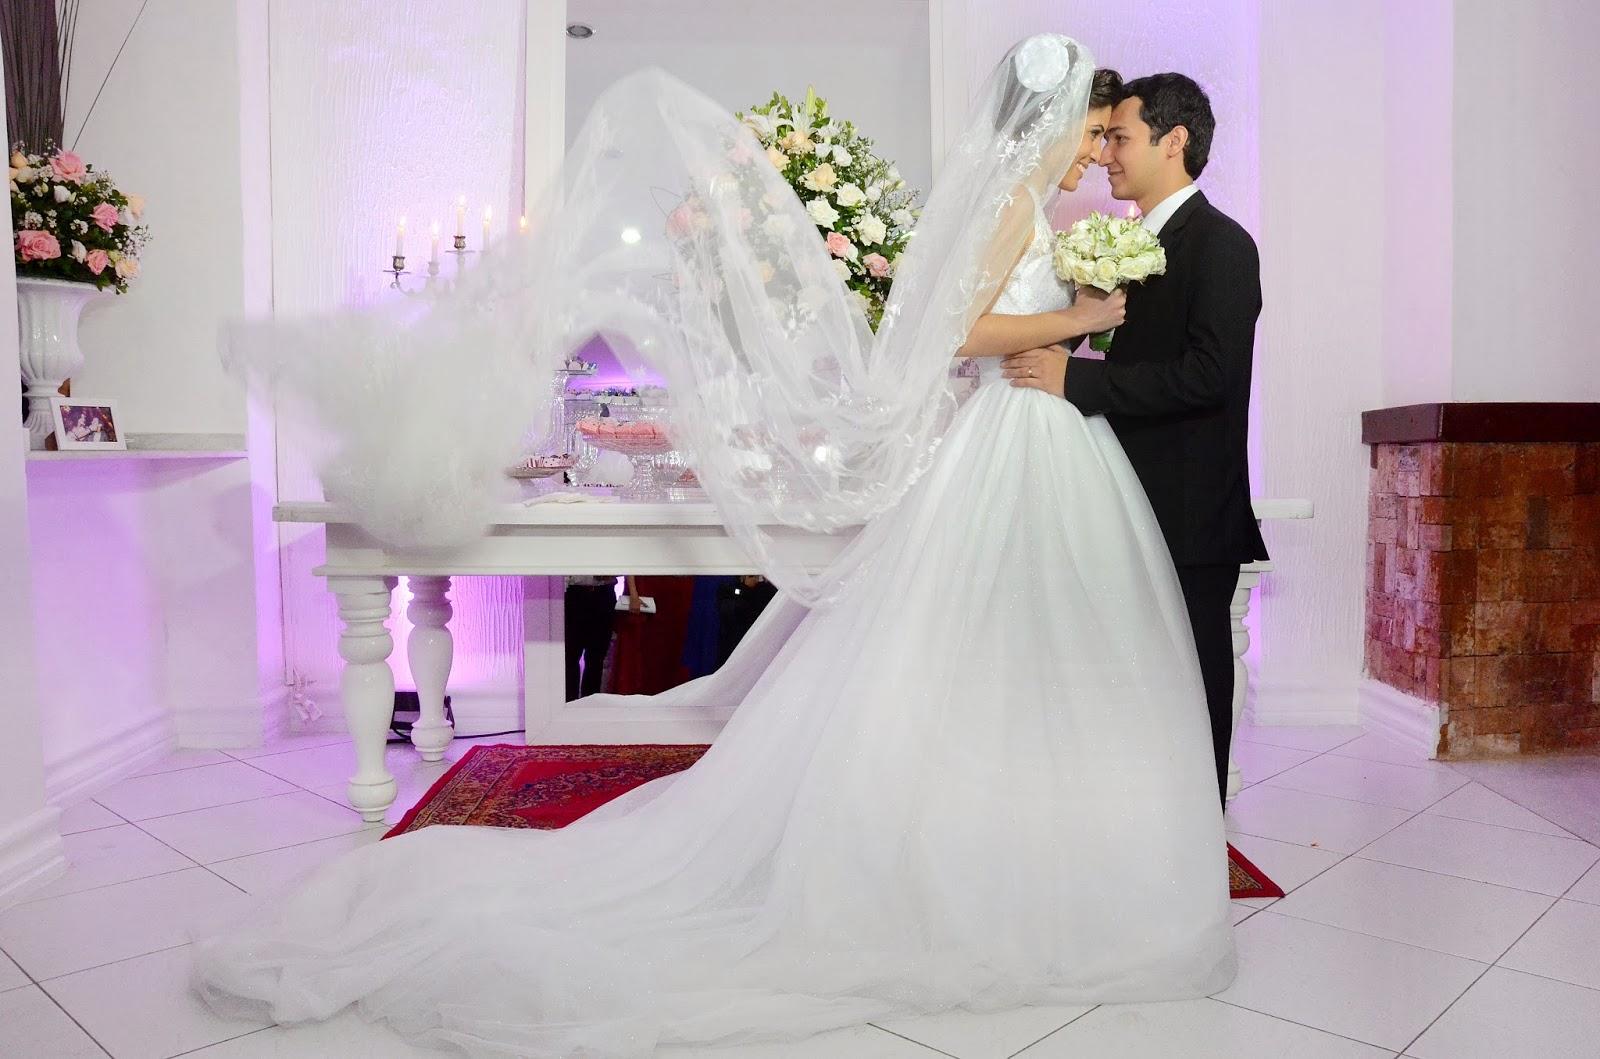 festa - recepção - noivos - noivos apaixonados - decoração - decoração da festa - bouquet - véu - mesa do bolo